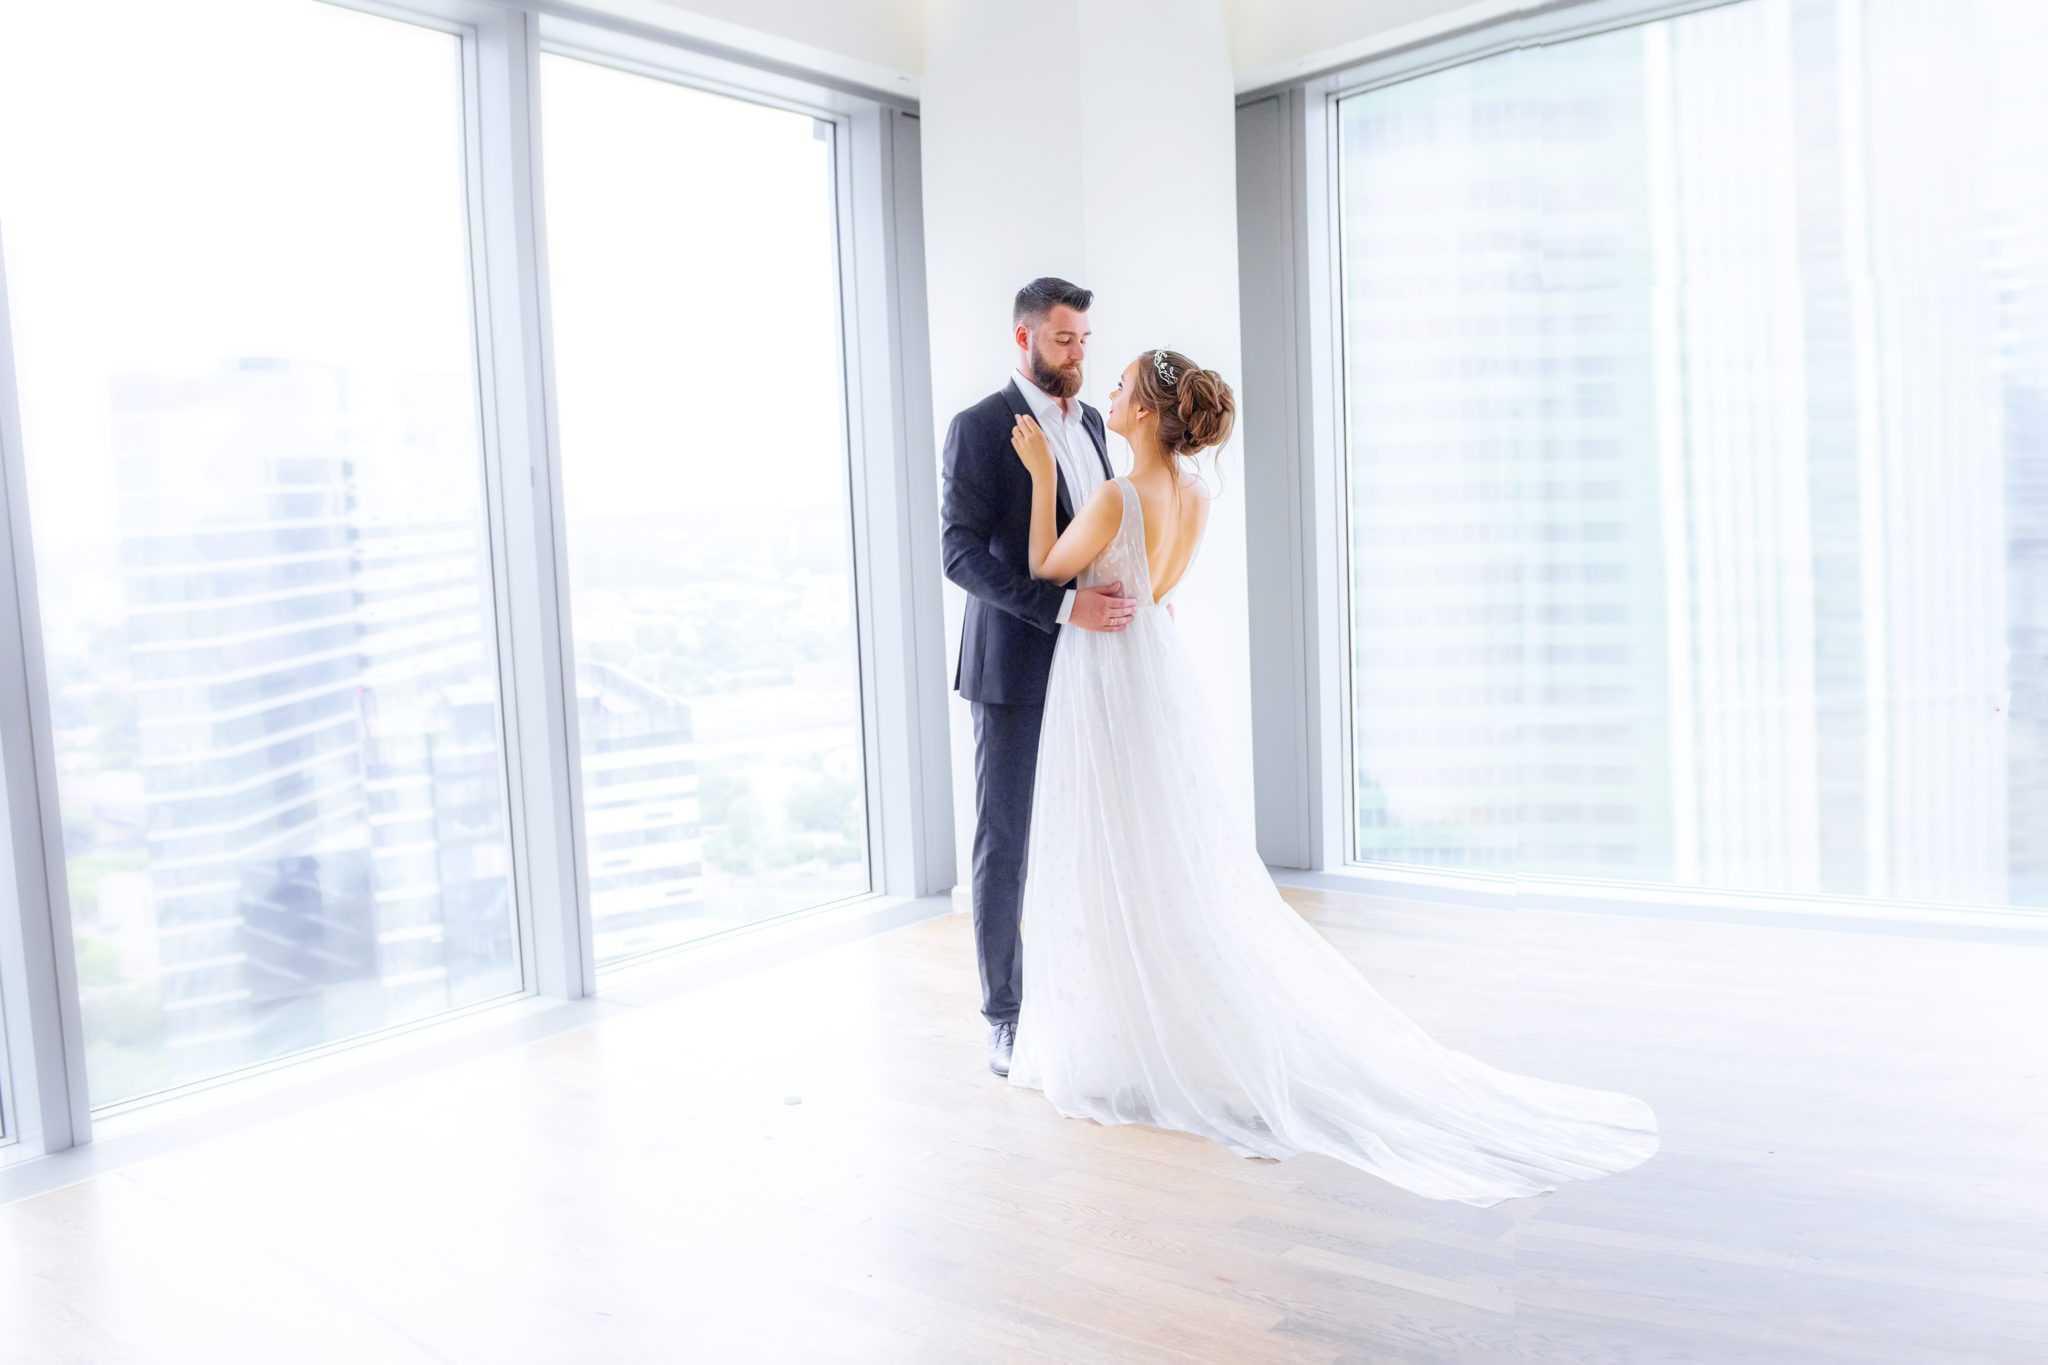 недавних сколько часов работают фотографы на свадьбах обучение технологиям автопокраски